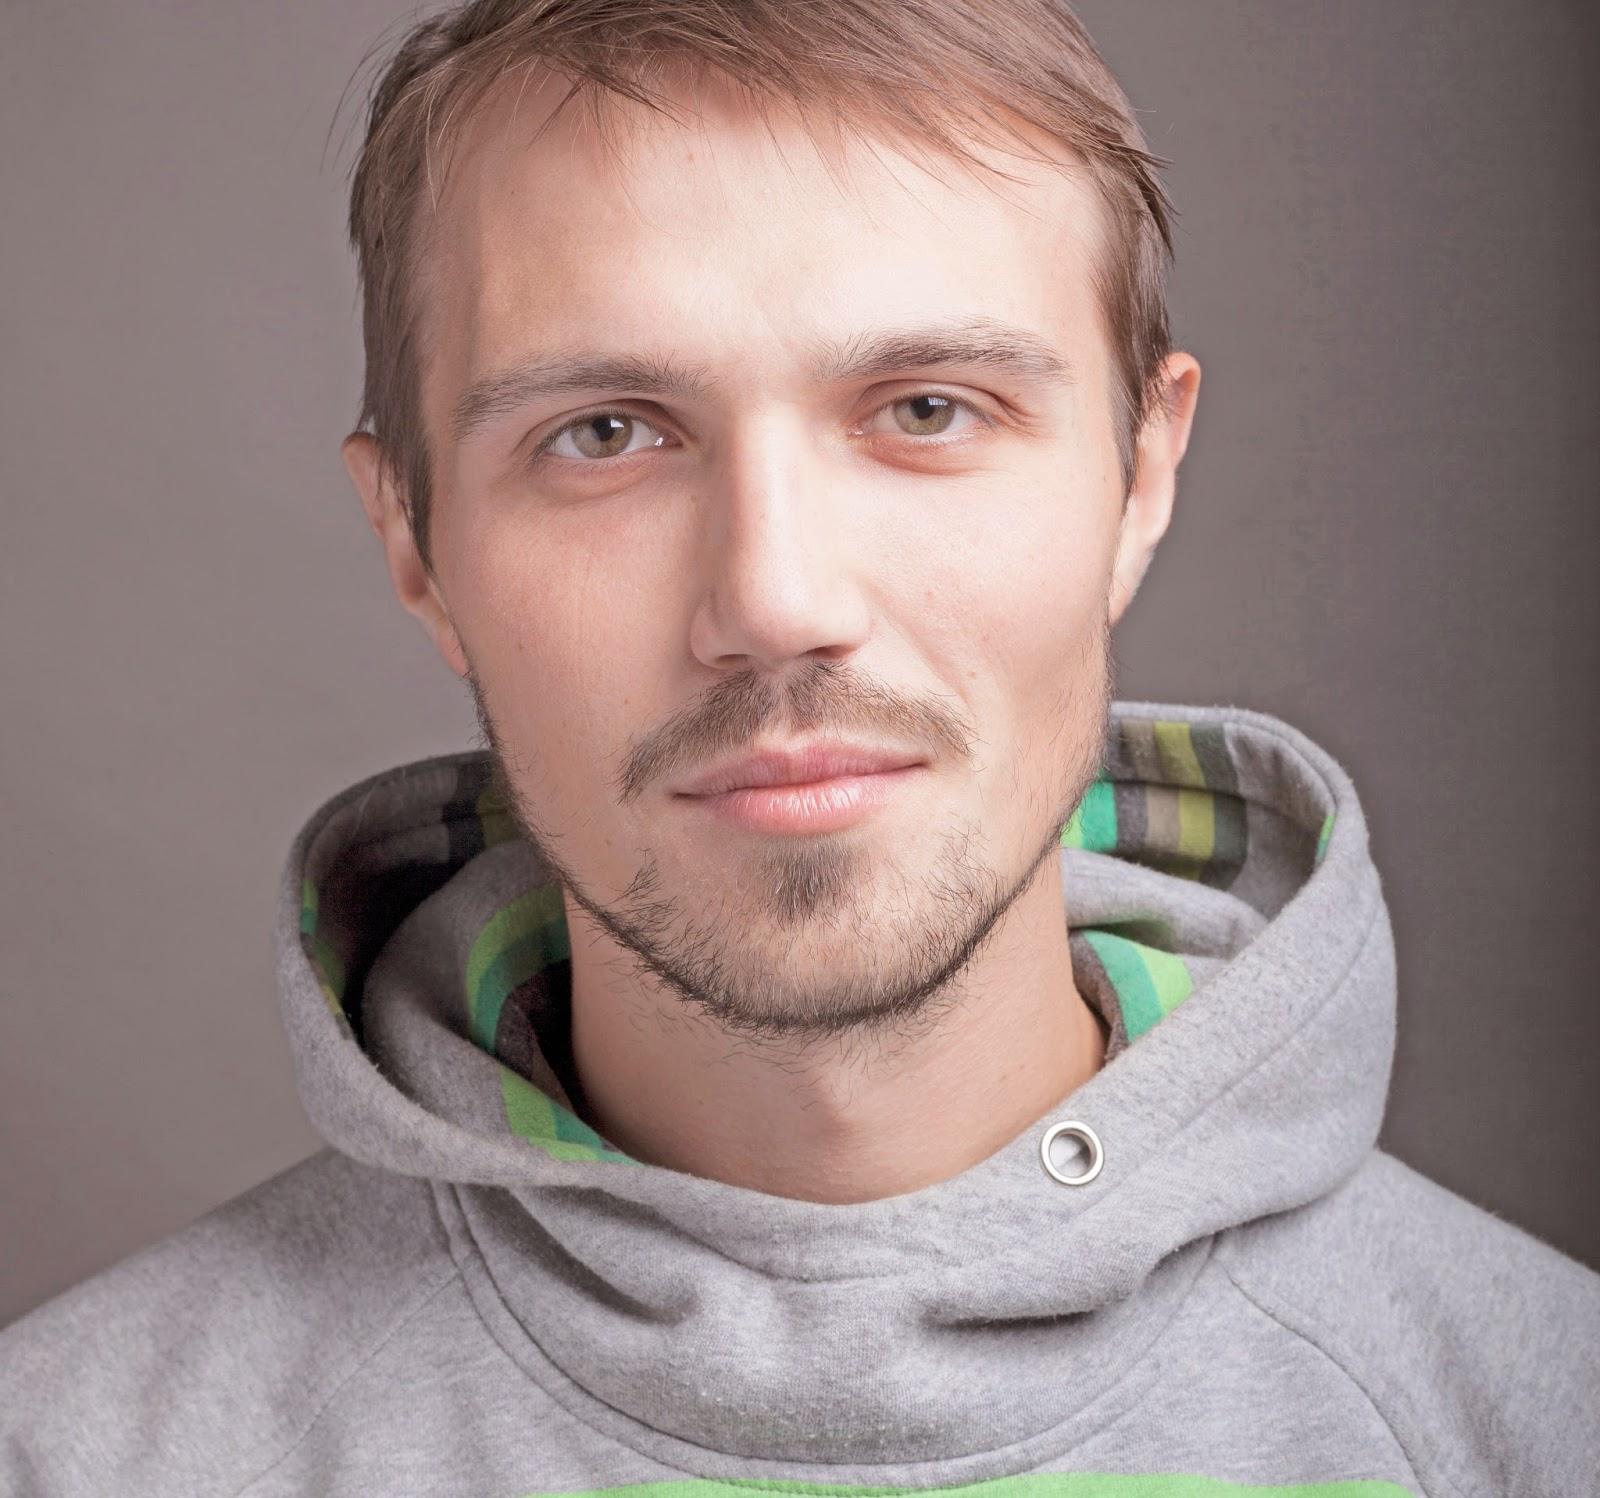 Михаил Семенов Граффити художник Путепровод Сергиев Посад